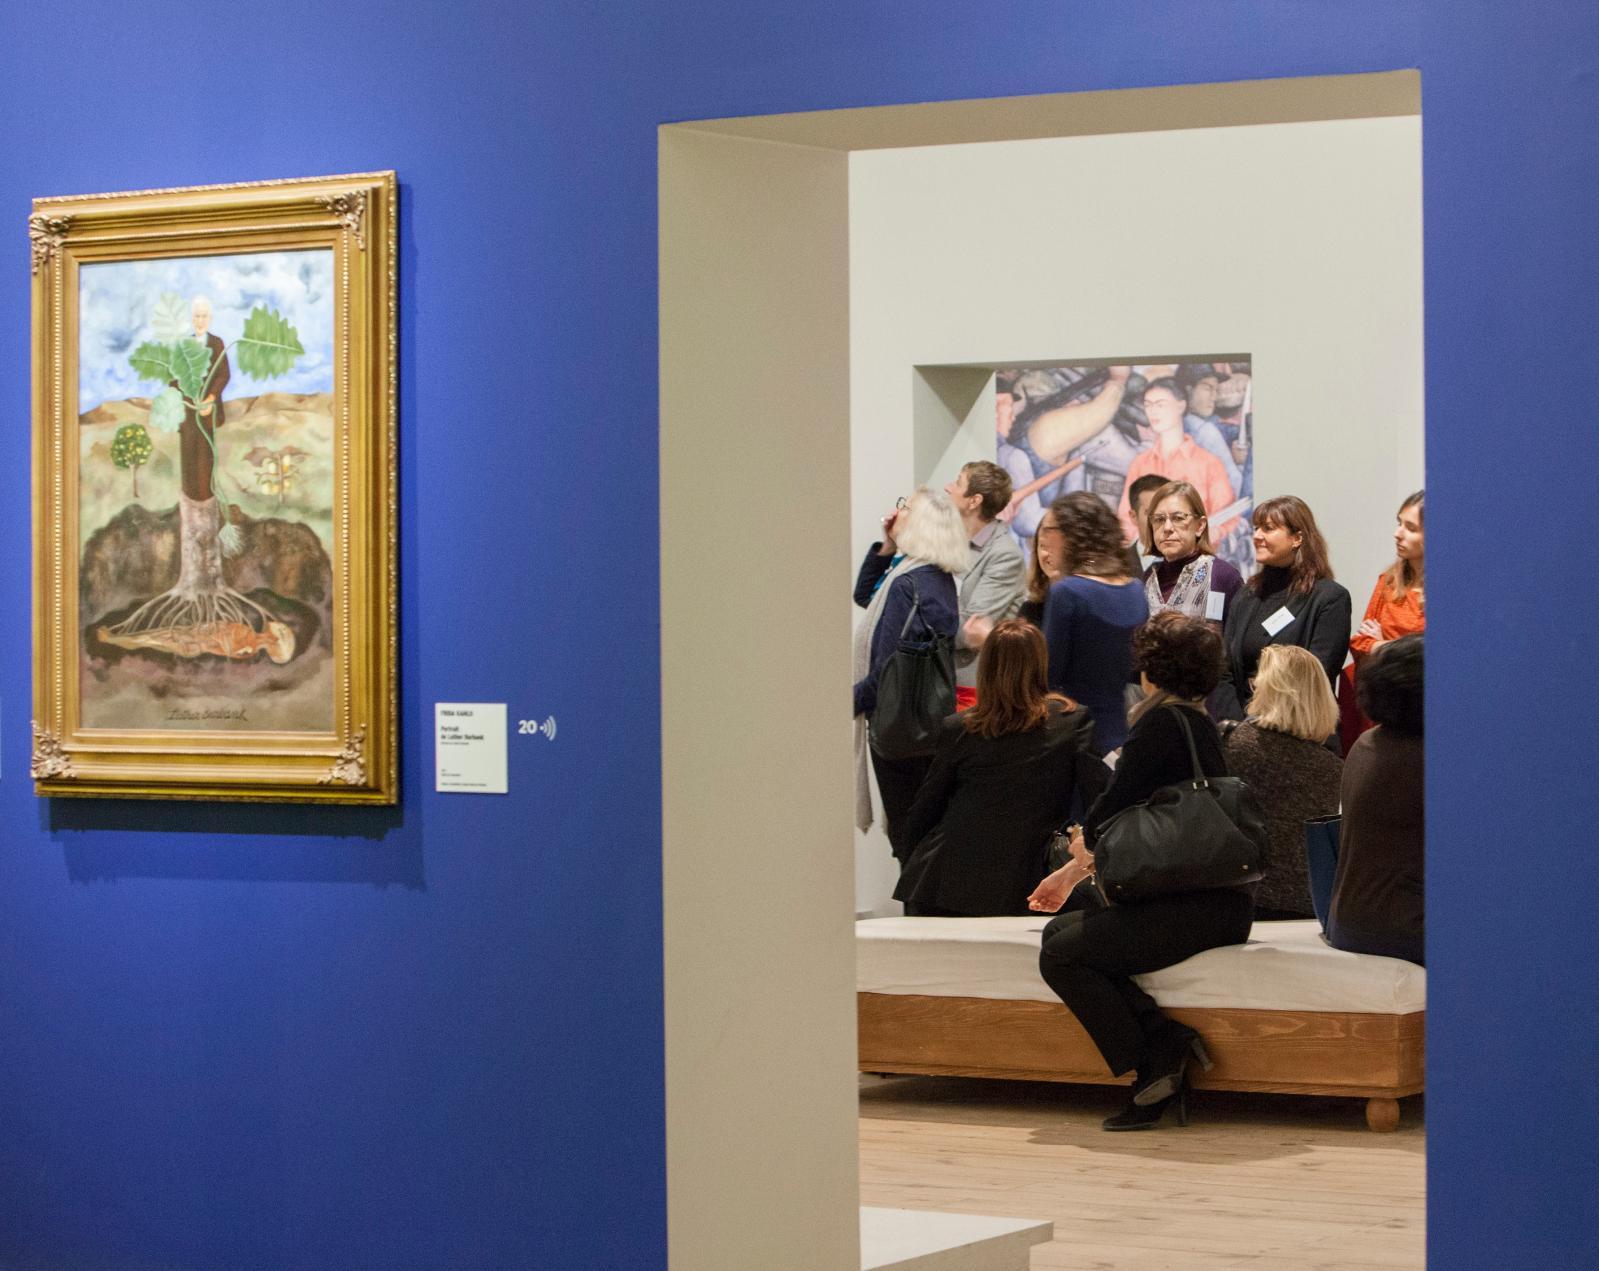 Exposition «Frida Kahlo/Diego Rivera» au musée de l'Orangerie.